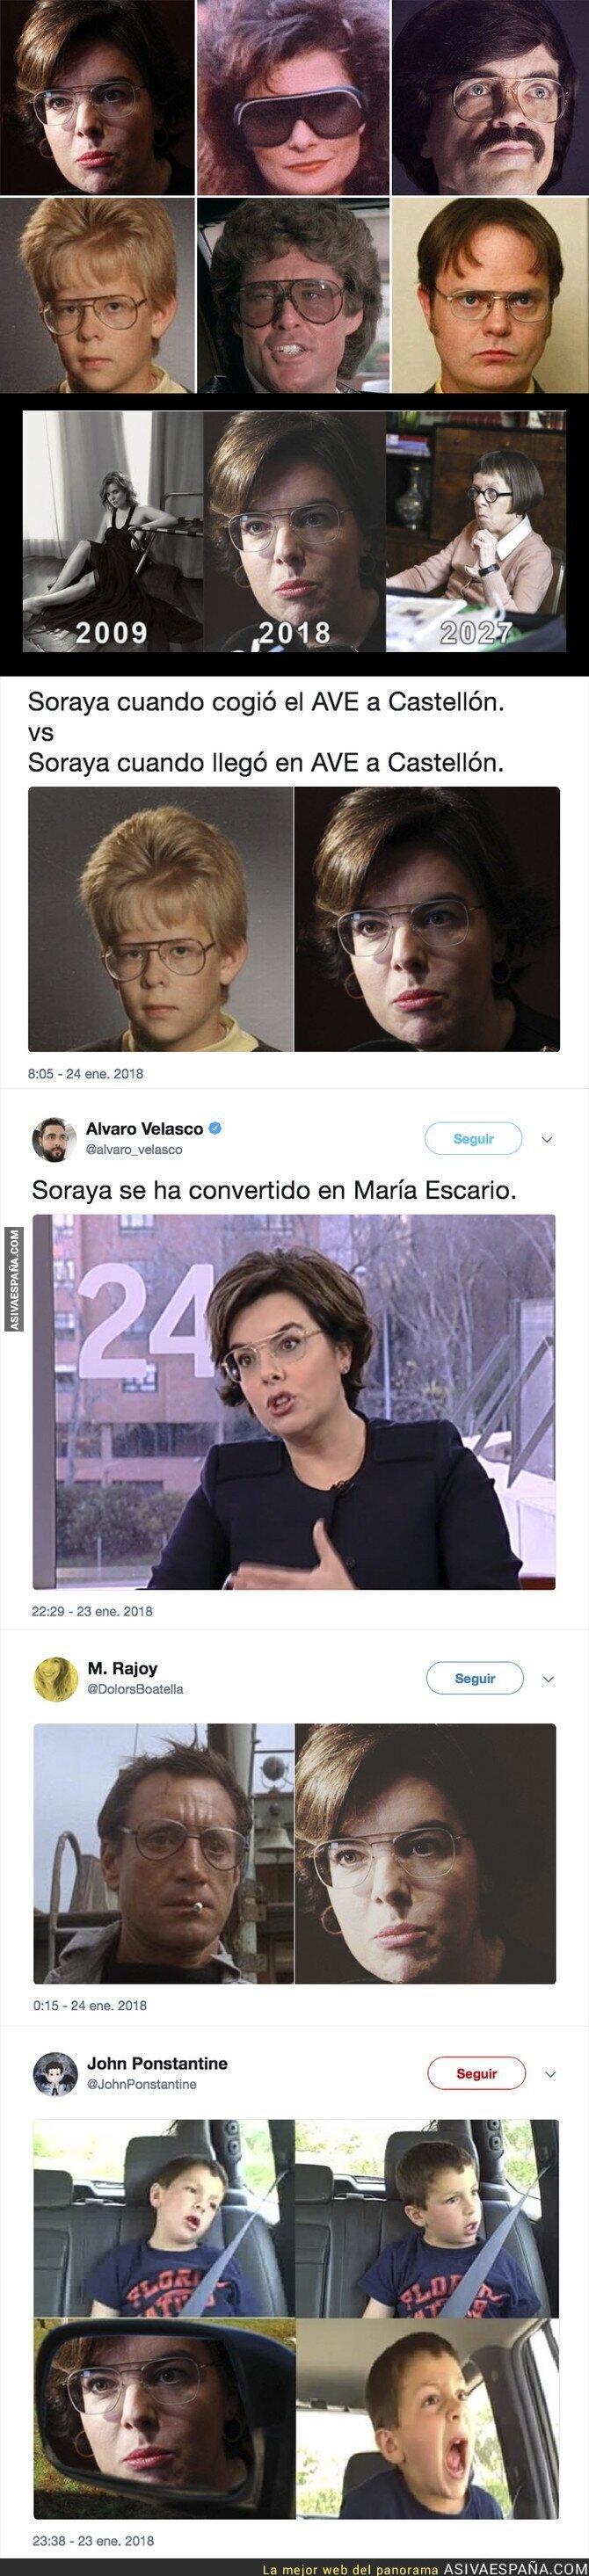 81858 - Soraya Sáenz de Santamaría sorprende con su look e internet se llena de memes